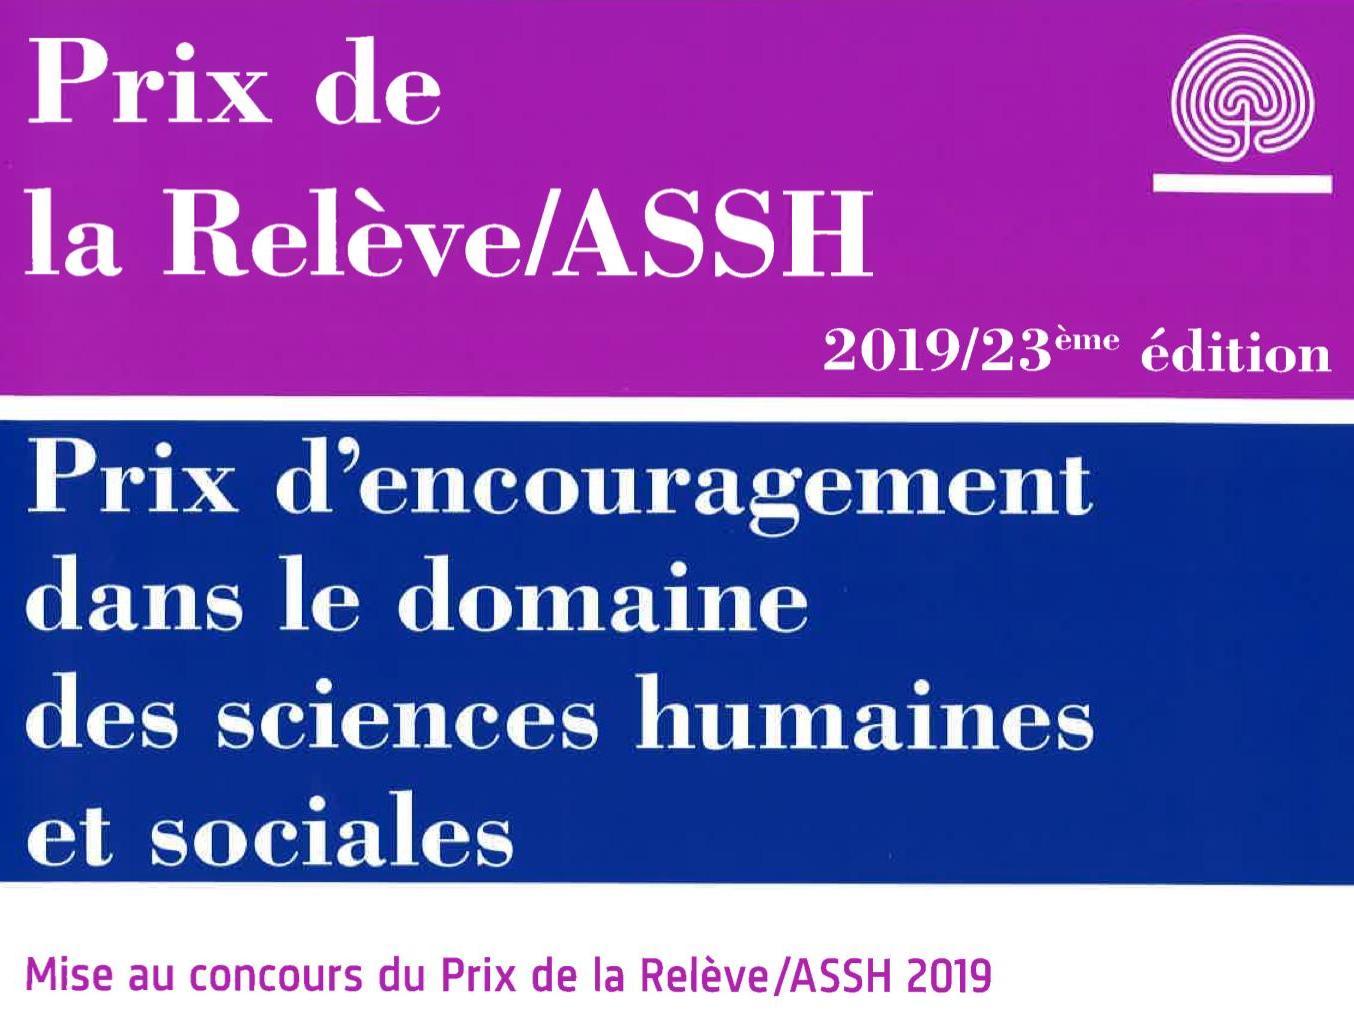 Prix de la Relève/ASSH - Prix d'encouragement dans le domaine des sciences humaines et sociales